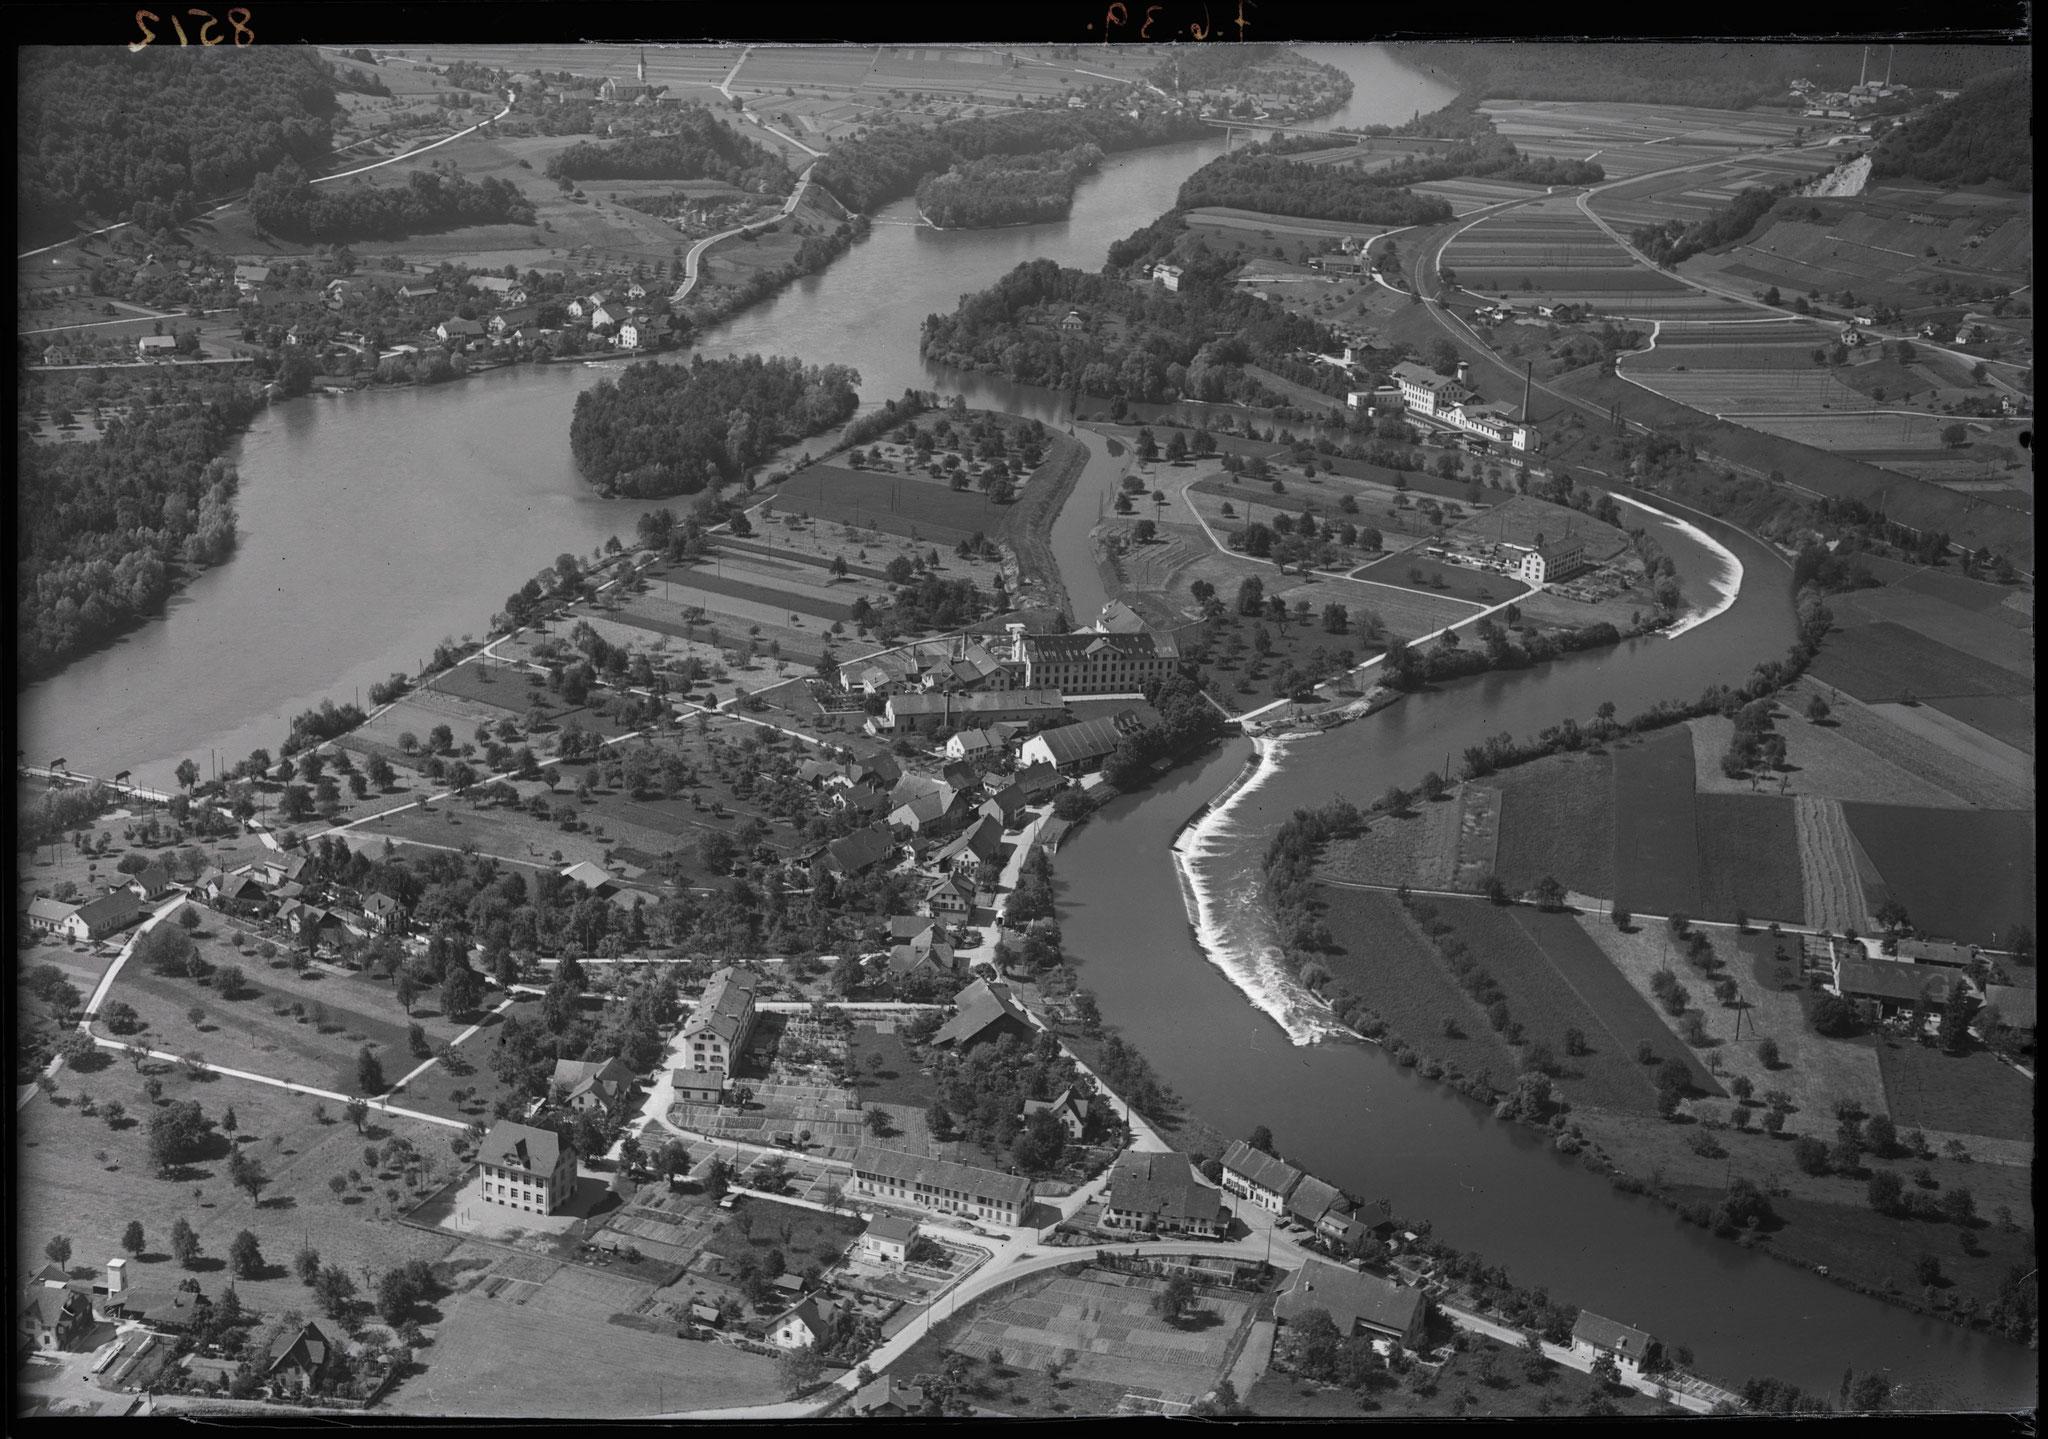 1923 - unten Vogelsang, Mitte Lauffohr, oben Rein, Villigen (Quelle: luftbilder-der-schweiz.ch)